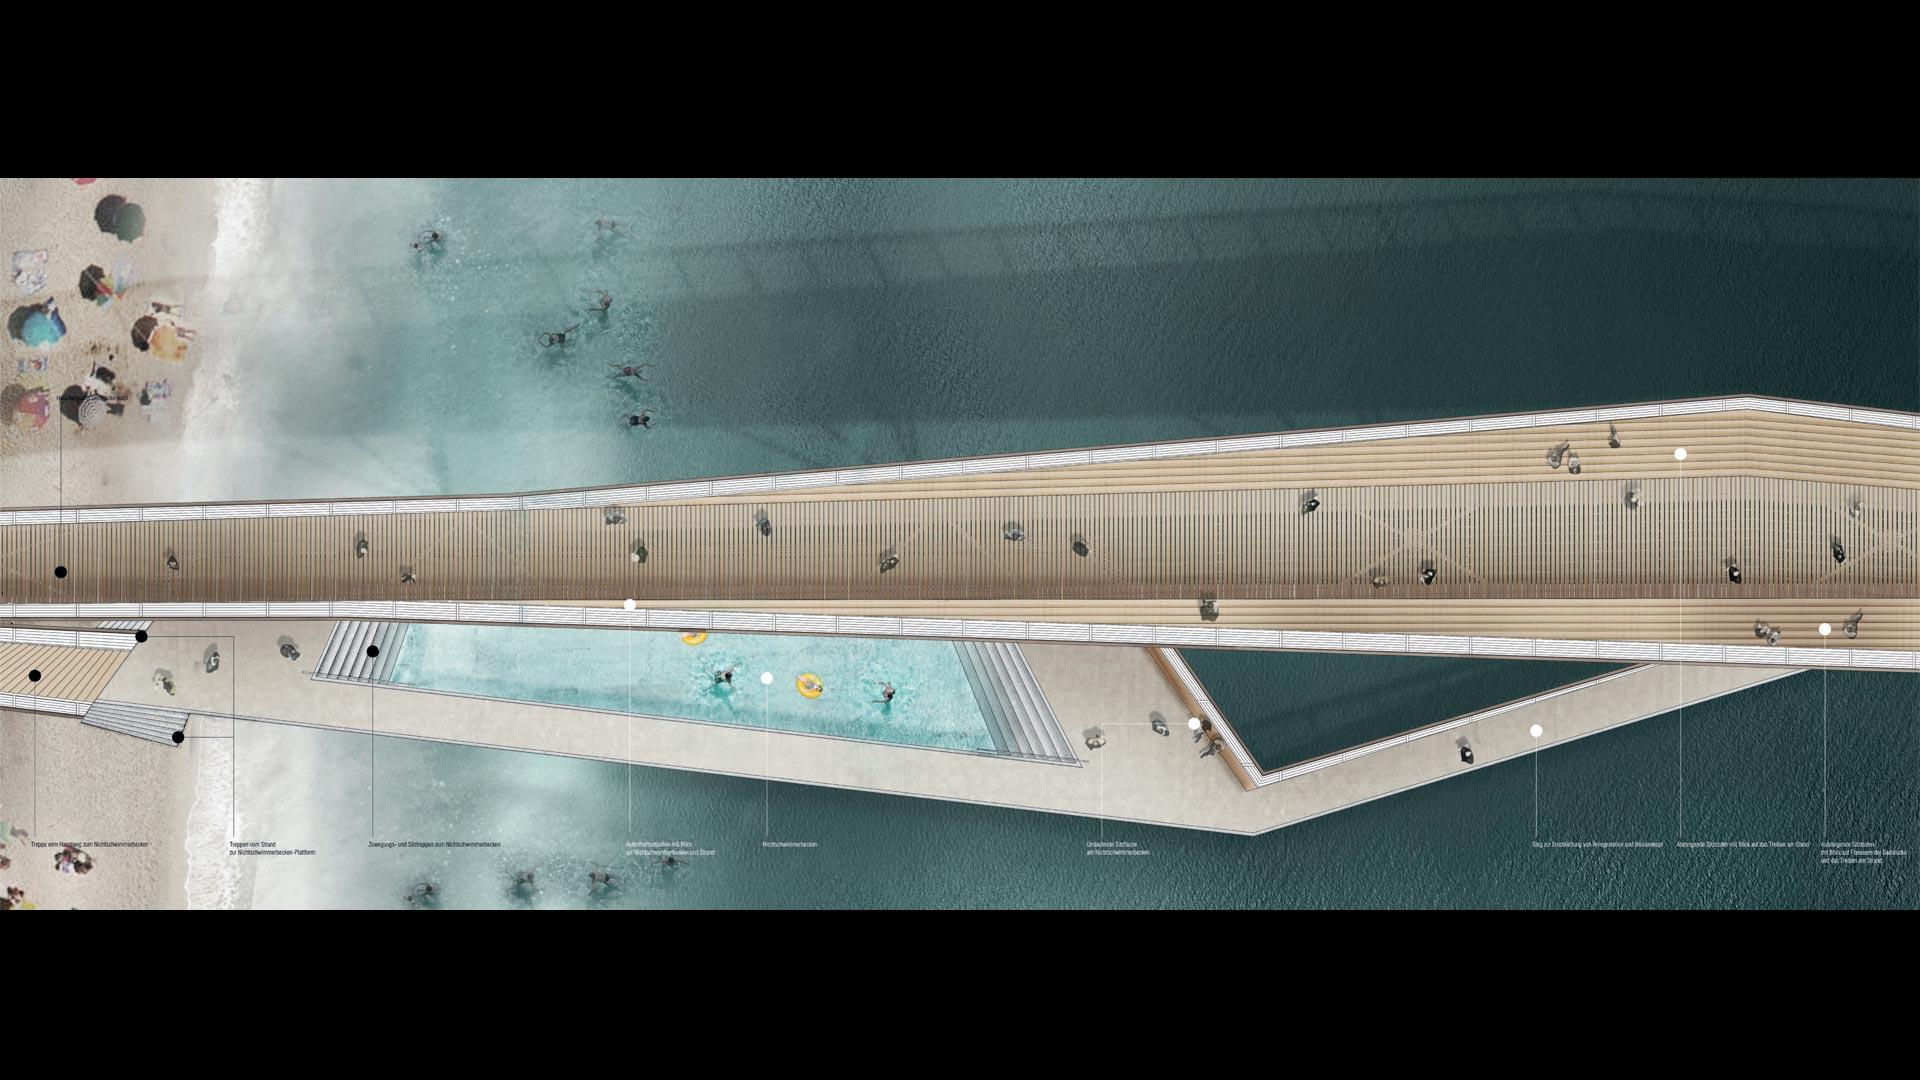 MAASS-Lichtplanung_Seebrücke am Timmendorfer Strand__181106-Seebrücke-02